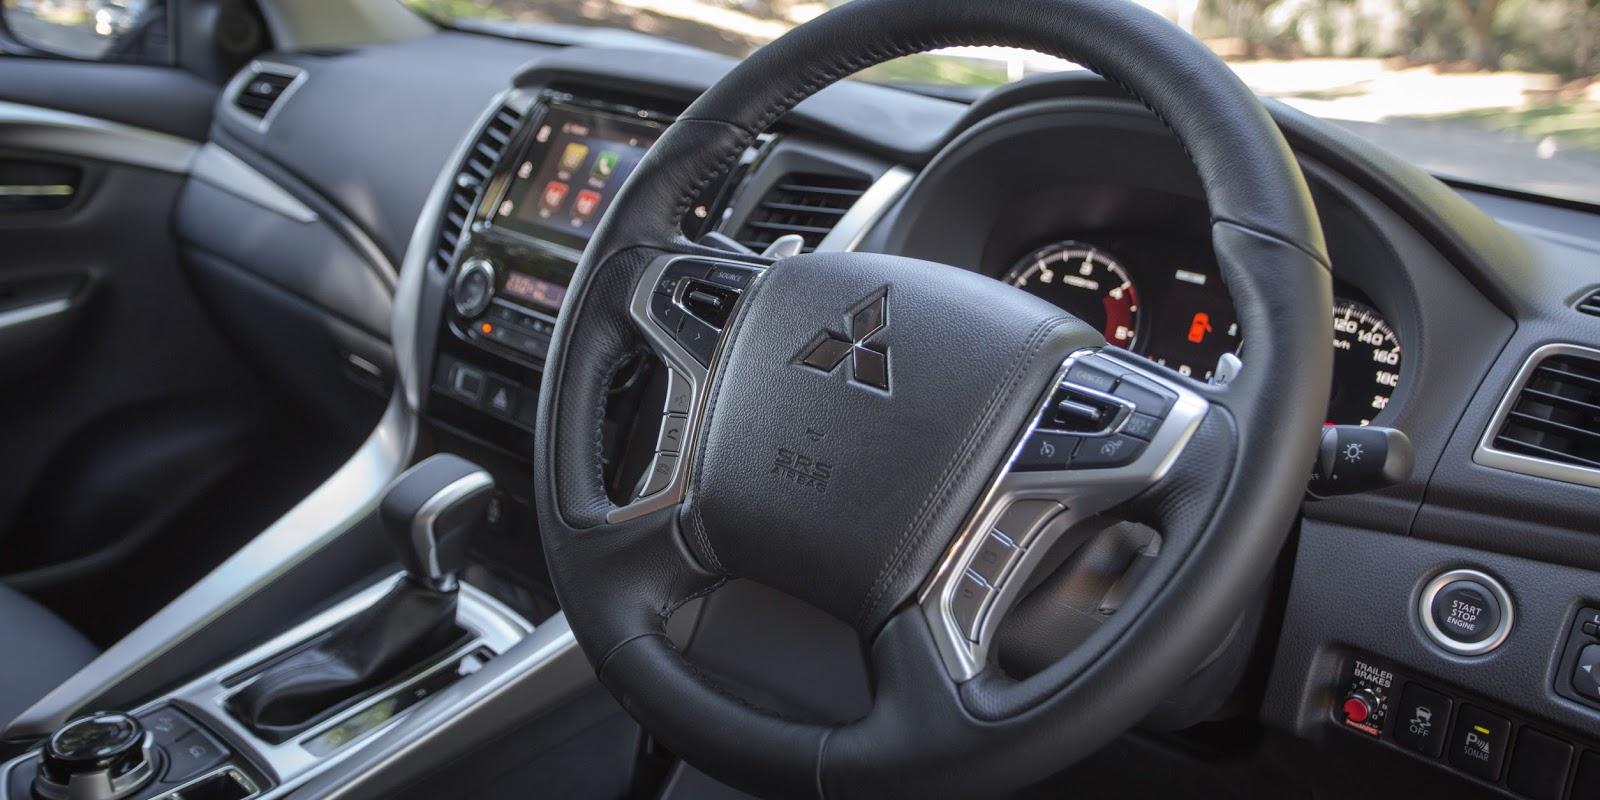 2016 Mitsubishi Pajero Sport GLS